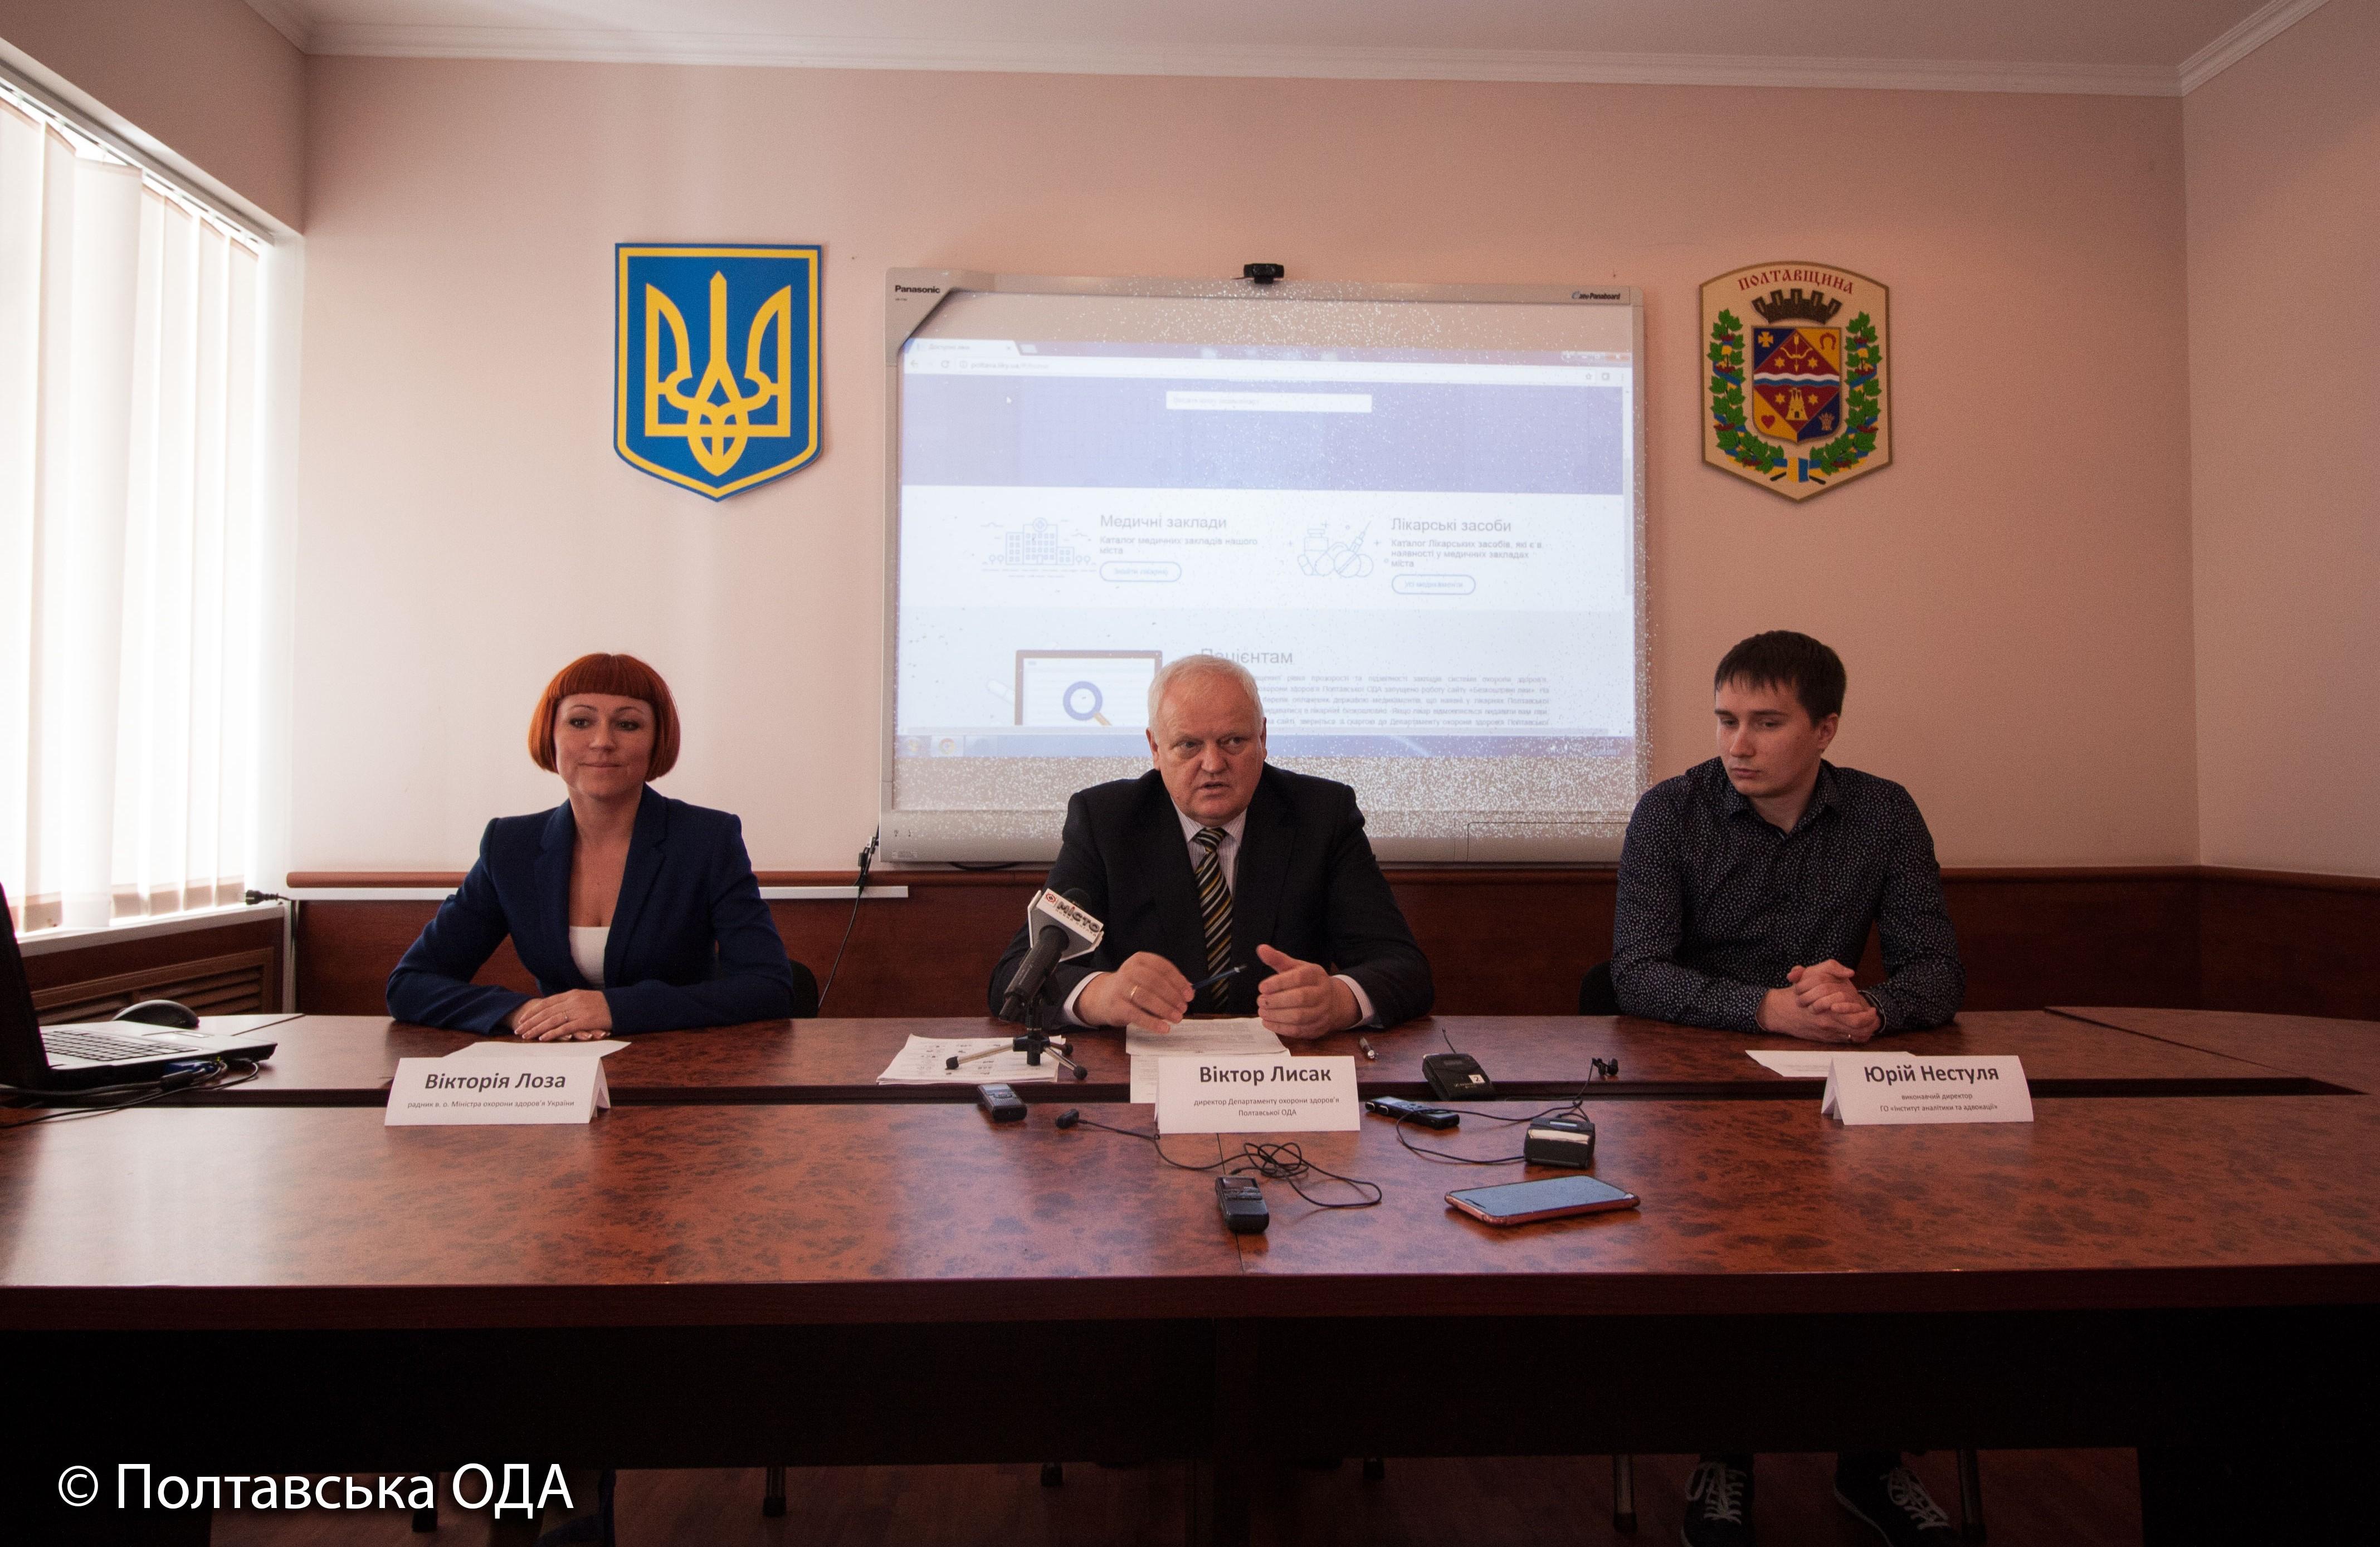 Вікторія Лоза, Віктор Лисак та Юрій Нестуля